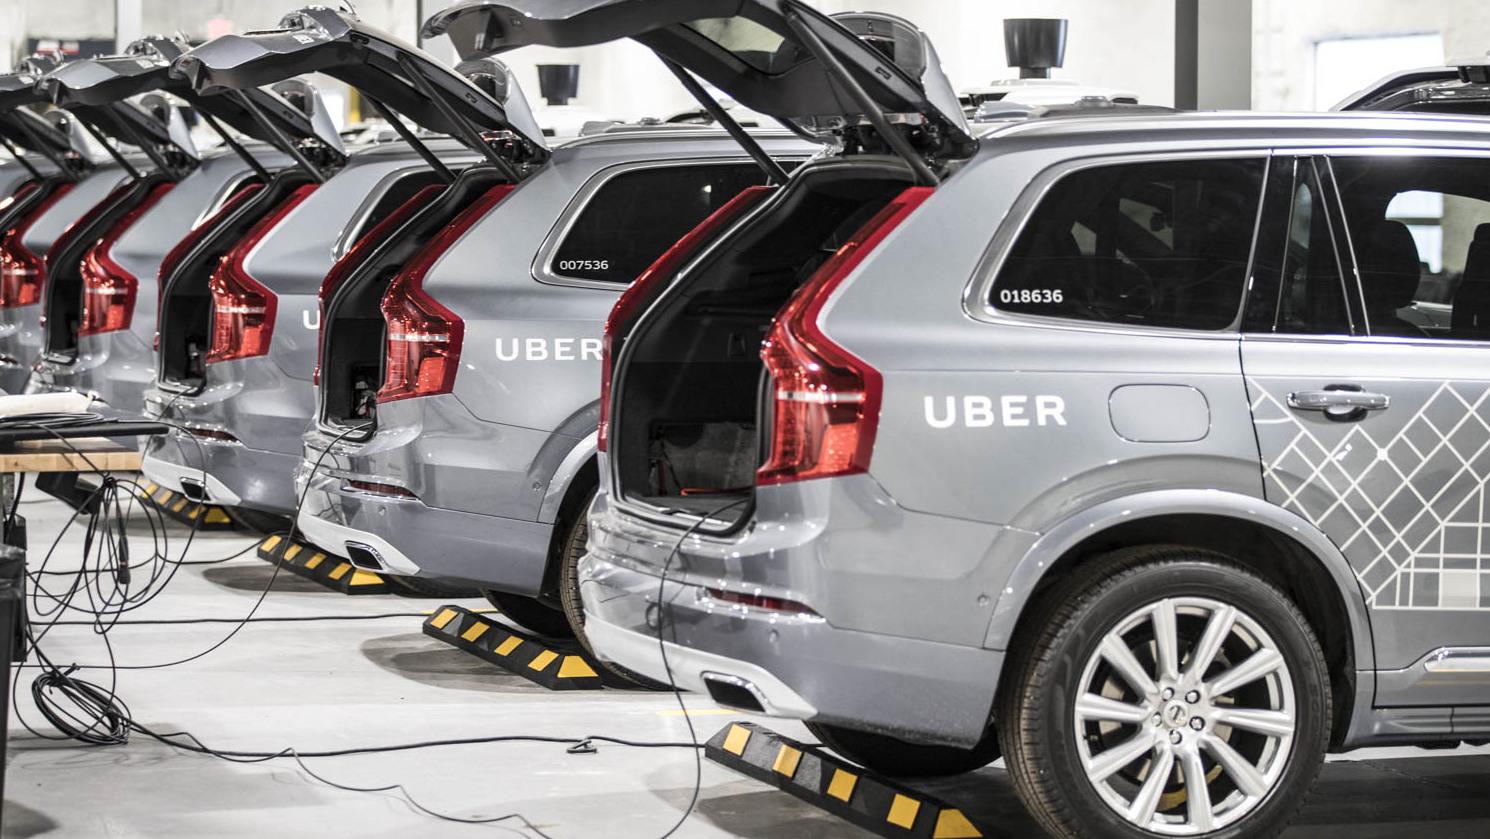 Мошенники крадут деньги у клиентов банков через Uber. Под угрозой счета даже тех, кто не пользуется такси